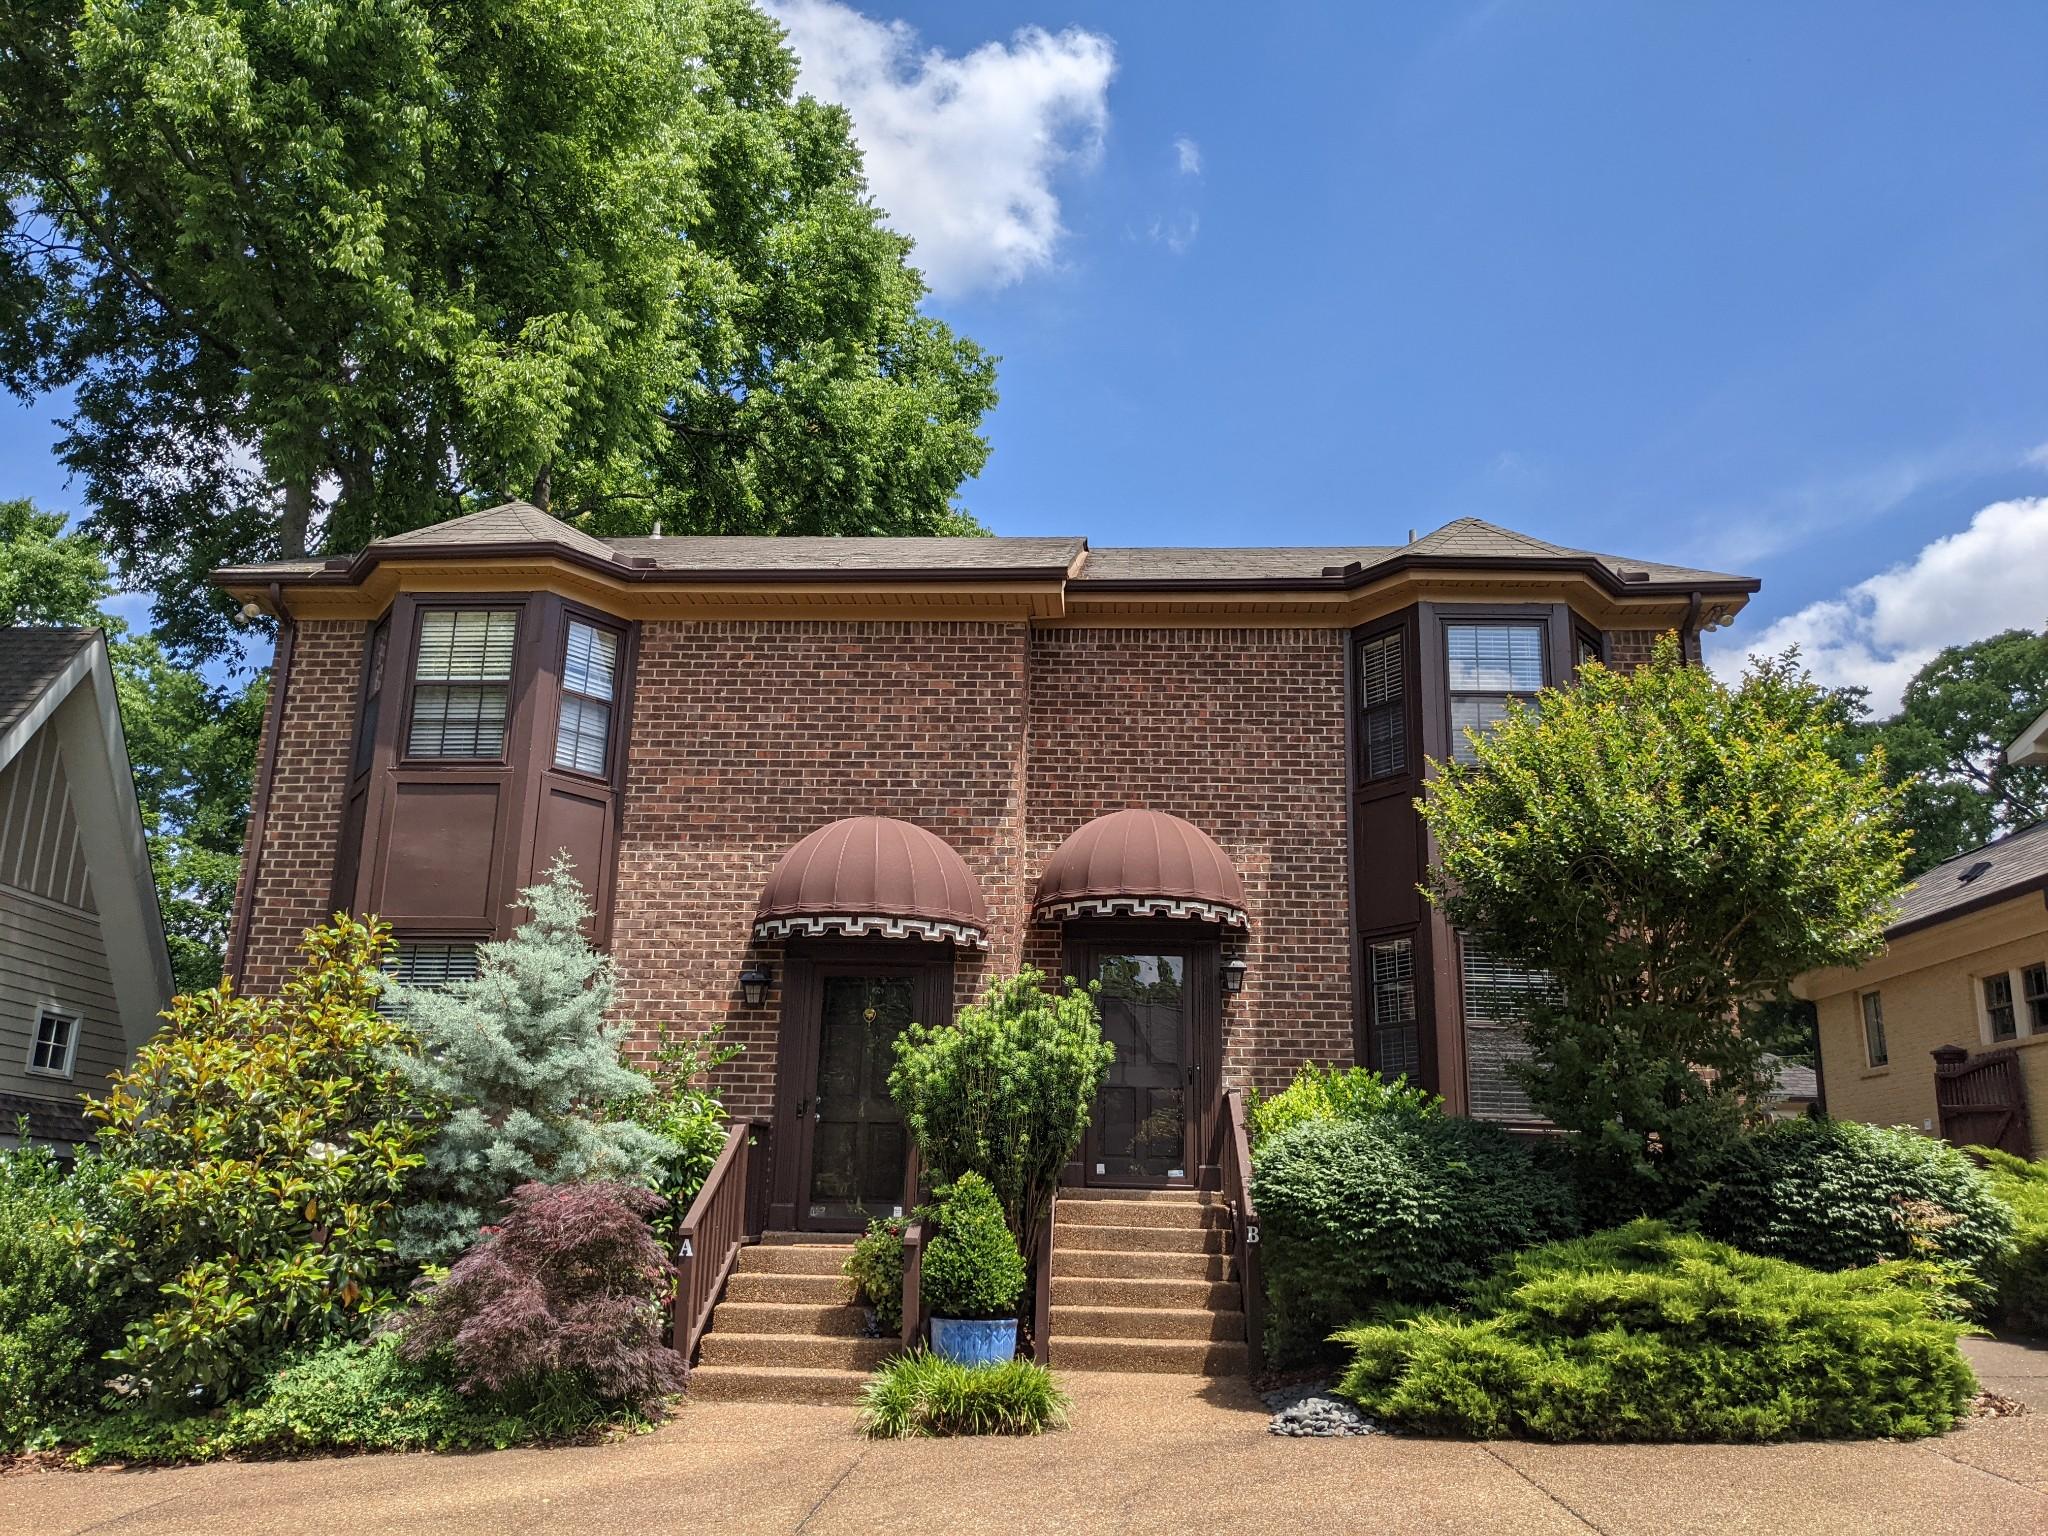 3616 Saratoga Drive Real Estate Listings Main Image